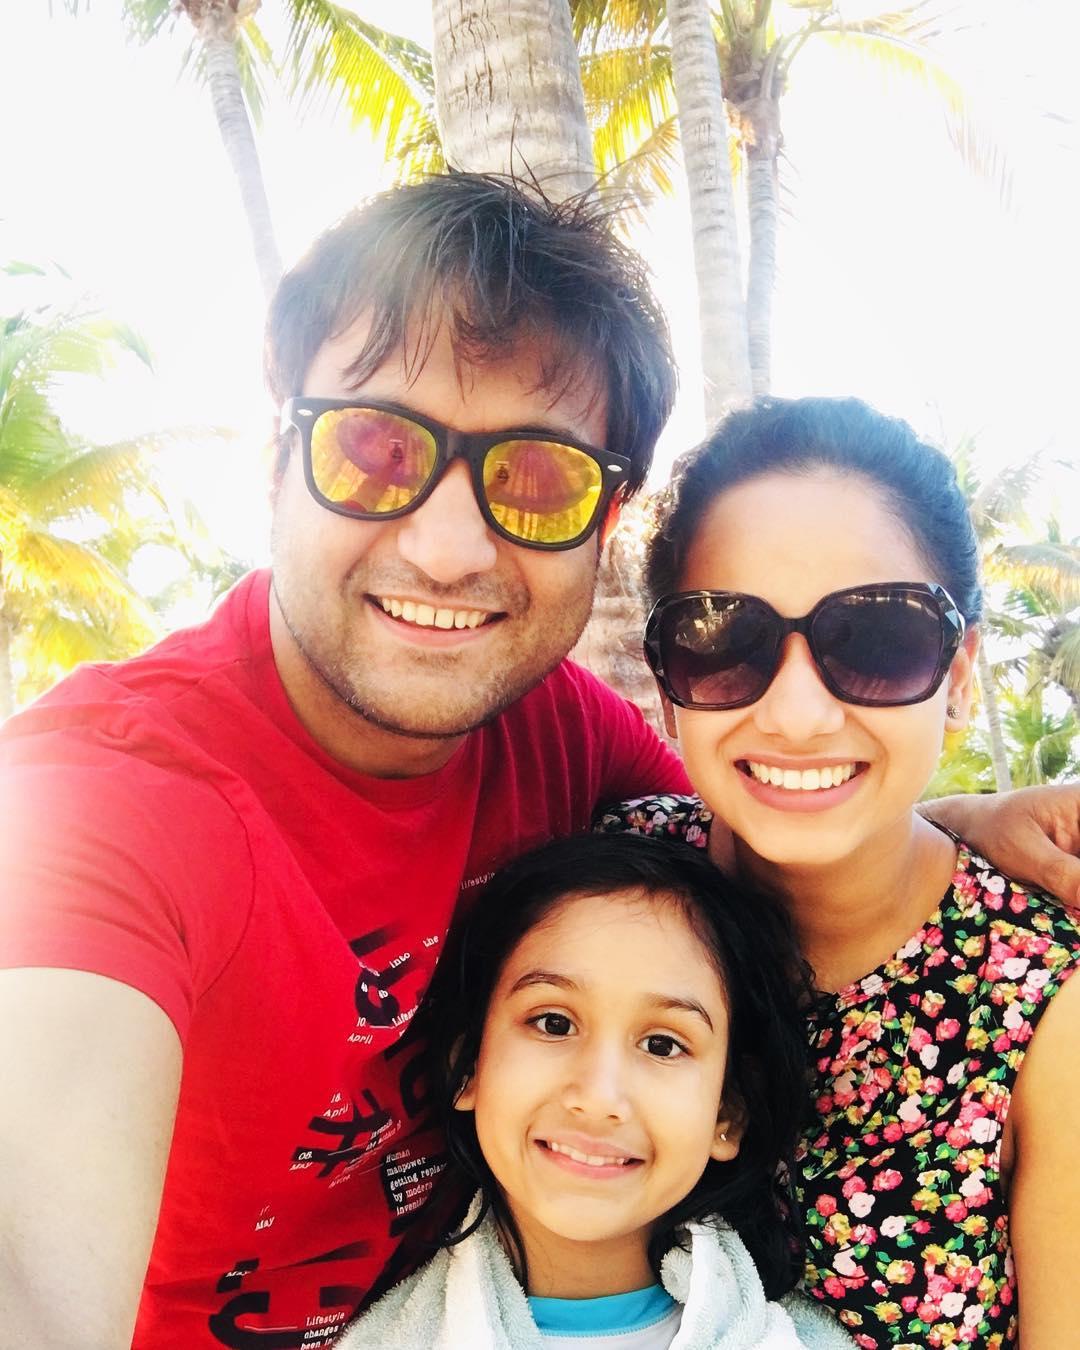 Lalit Shokeen with his wife Neha Shokeen and daughter Netanya Shokeen